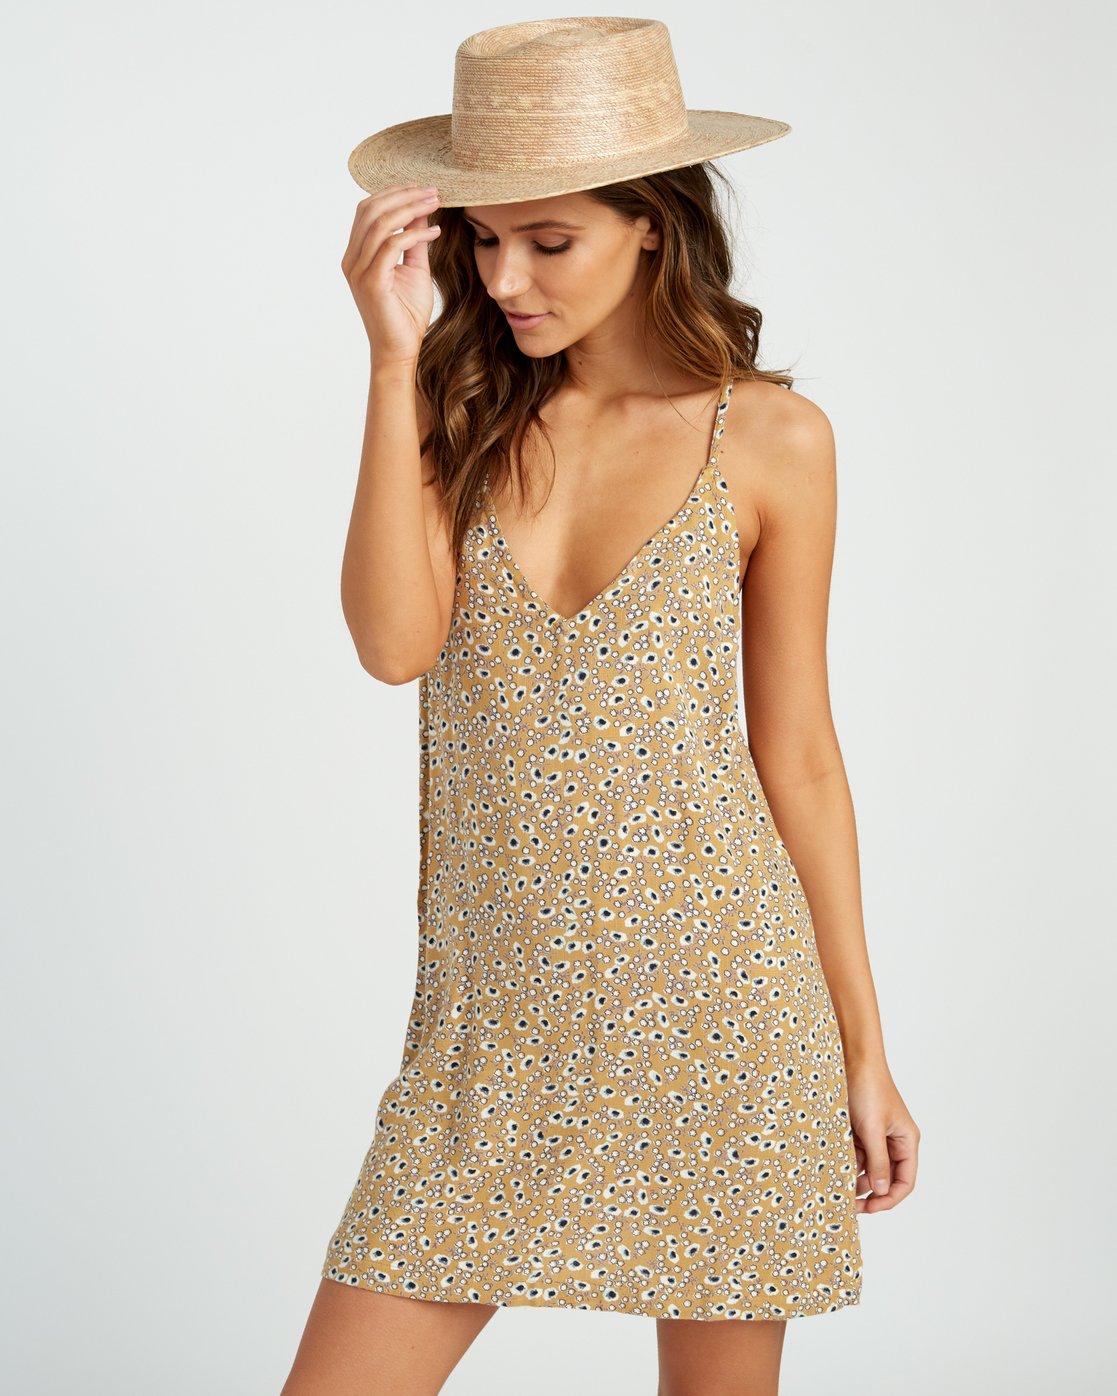 0 Fluke Printed Dress Yellow WD09URFL RVCA